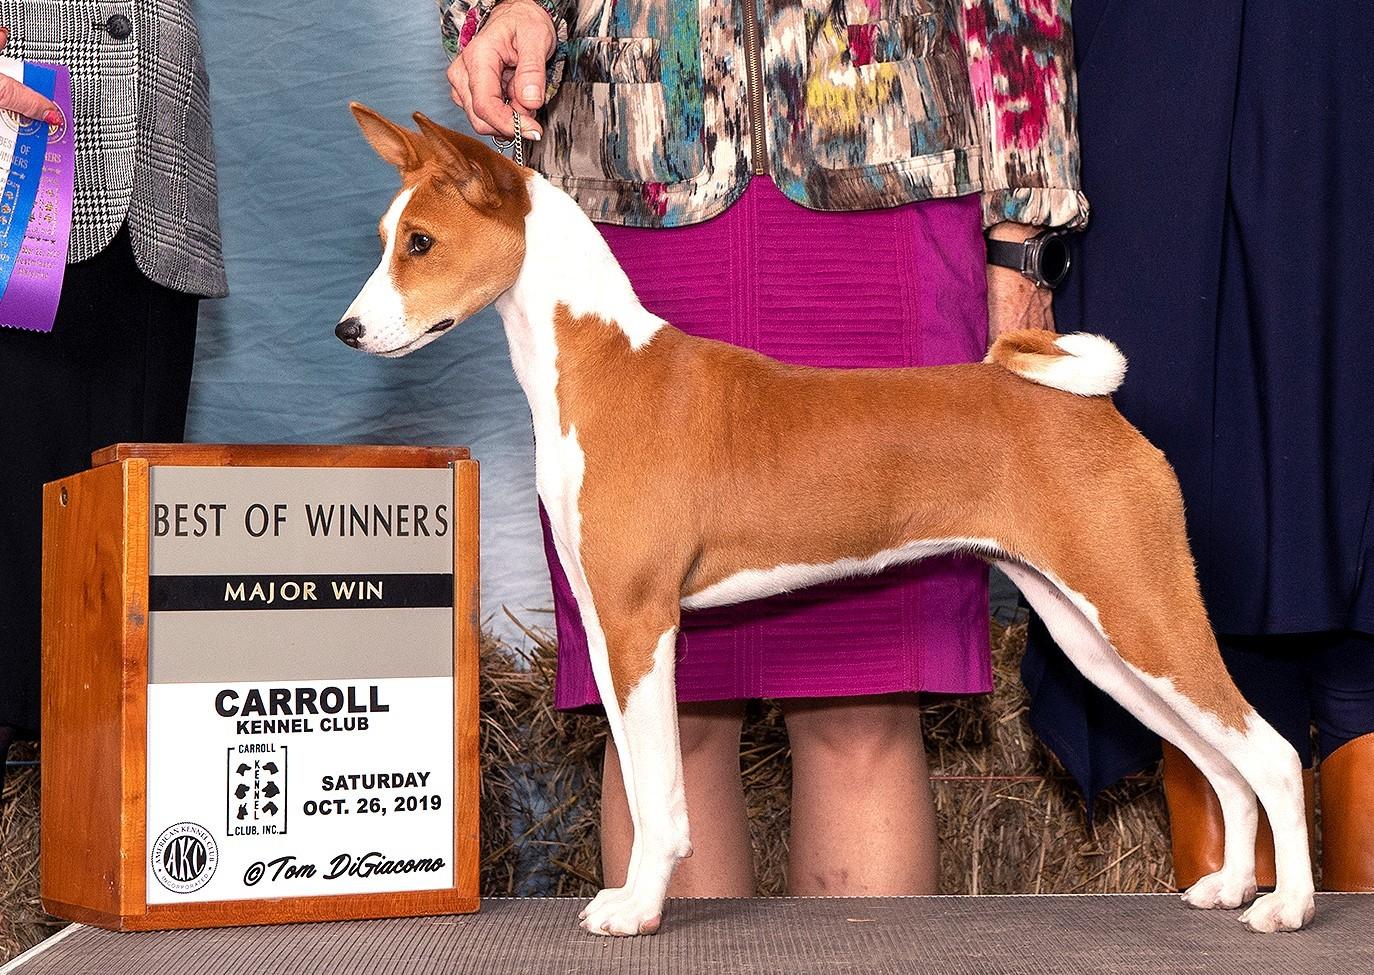 Best of winners 10.26.19 Carroll Kennel Club